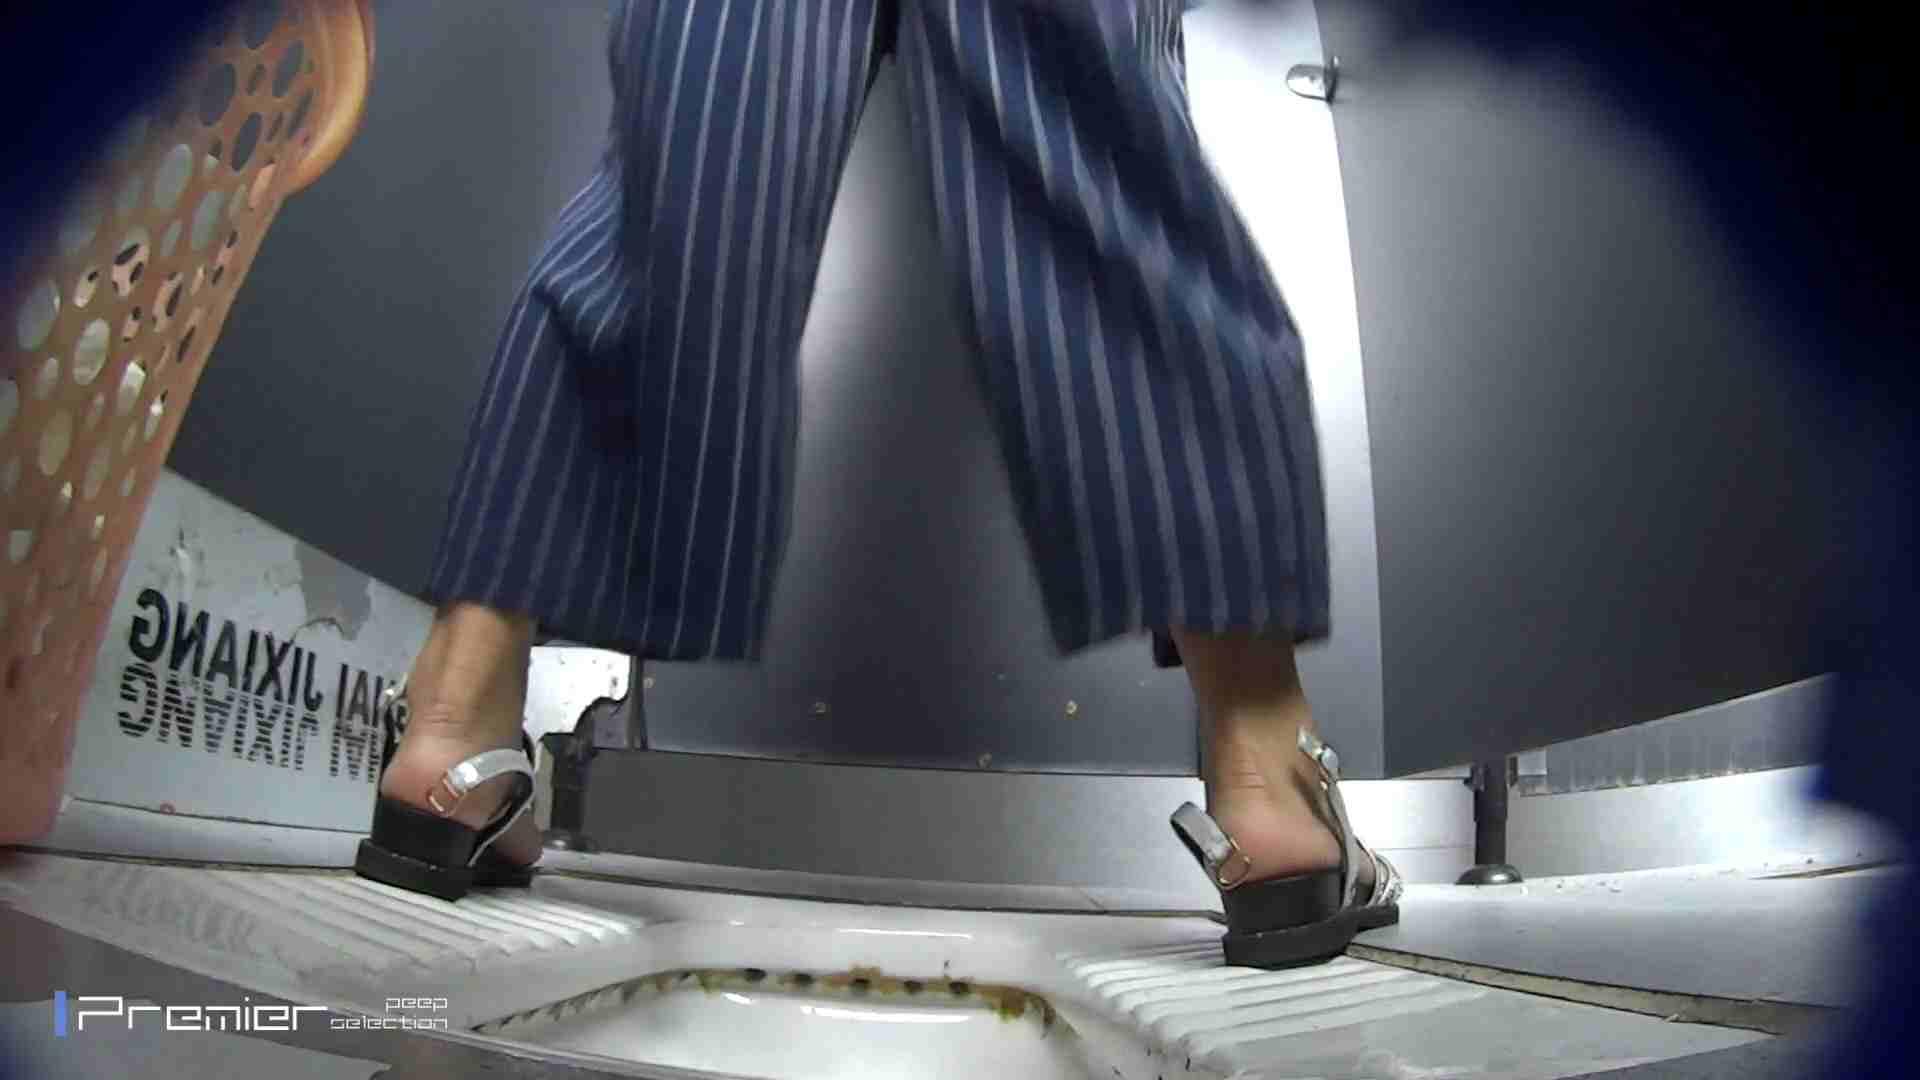 びゅーっと!オシッコ放出 大学休憩時間の洗面所事情47 高画質動画 スケベ動画紹介 105画像 40